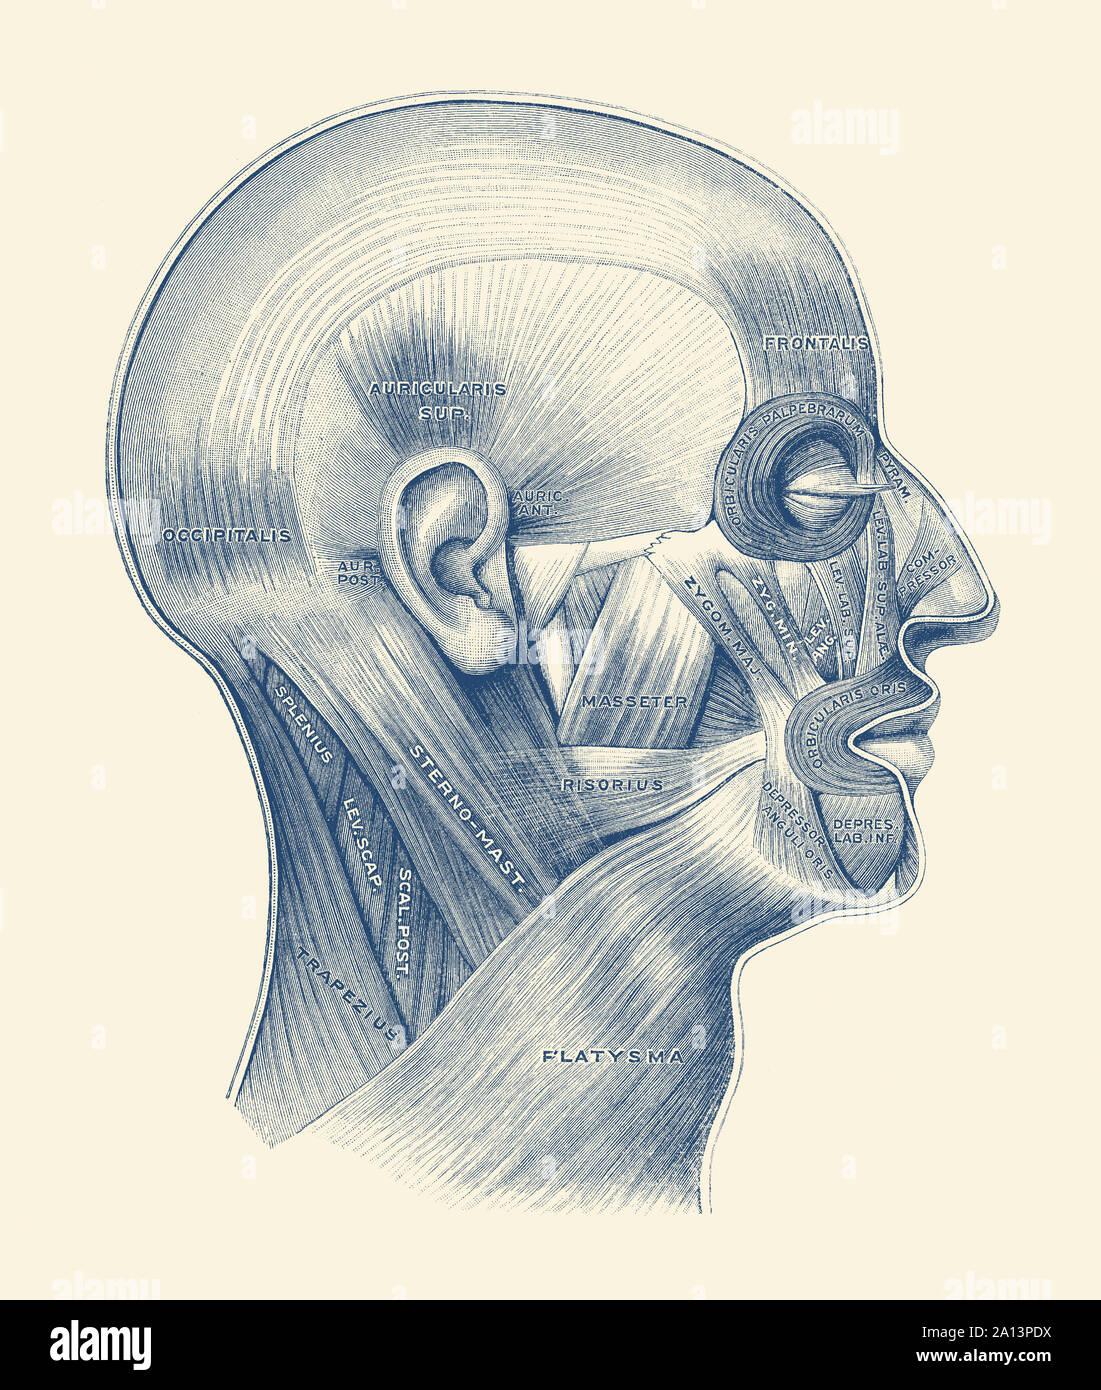 Schéma du système musculaire humaine tout au long de la face et du cou. Banque D'Images